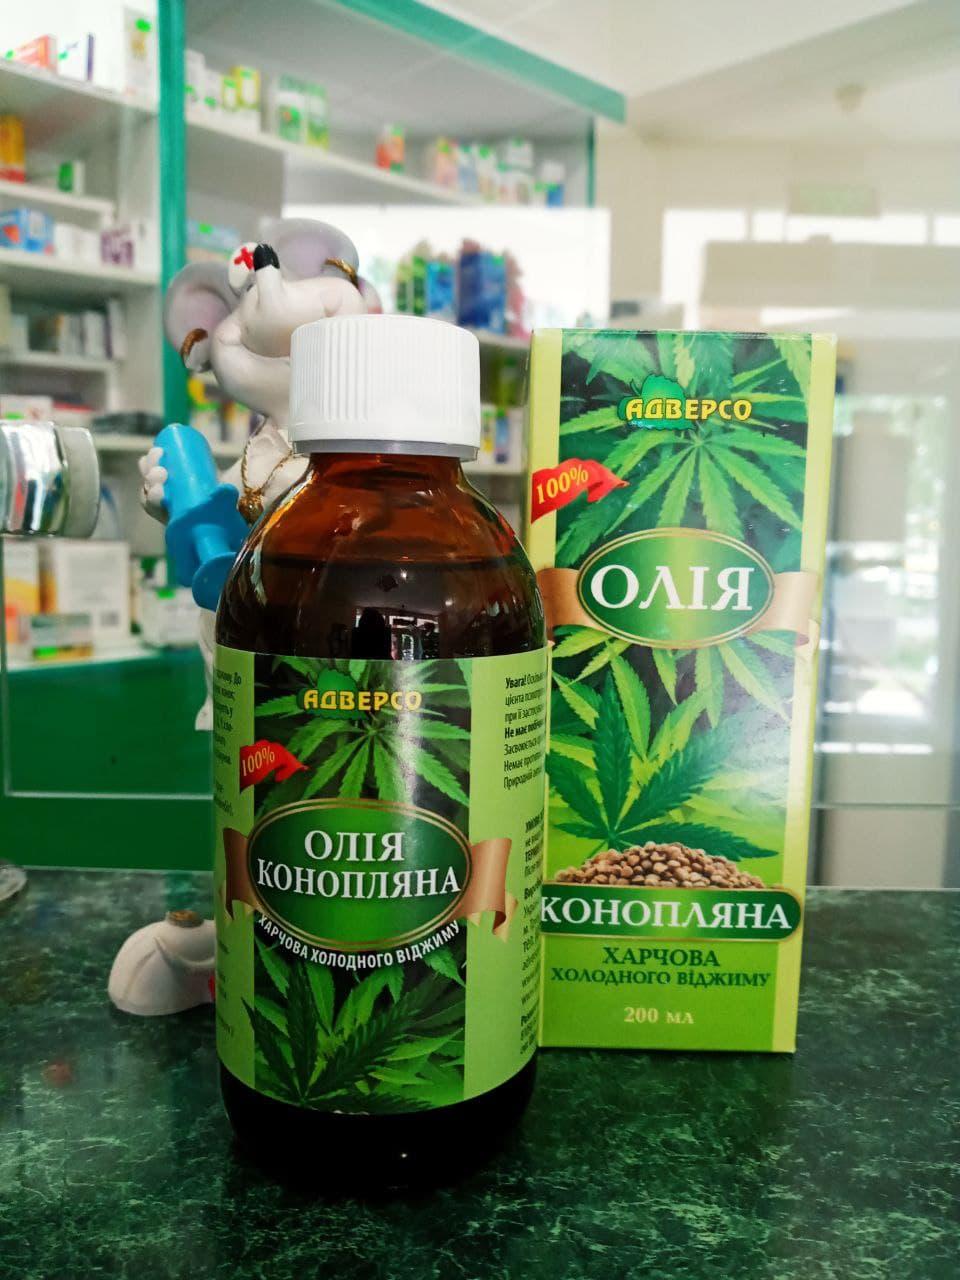 масло конопли как источник полненасыщенных жирных кислот в дополнительное питание